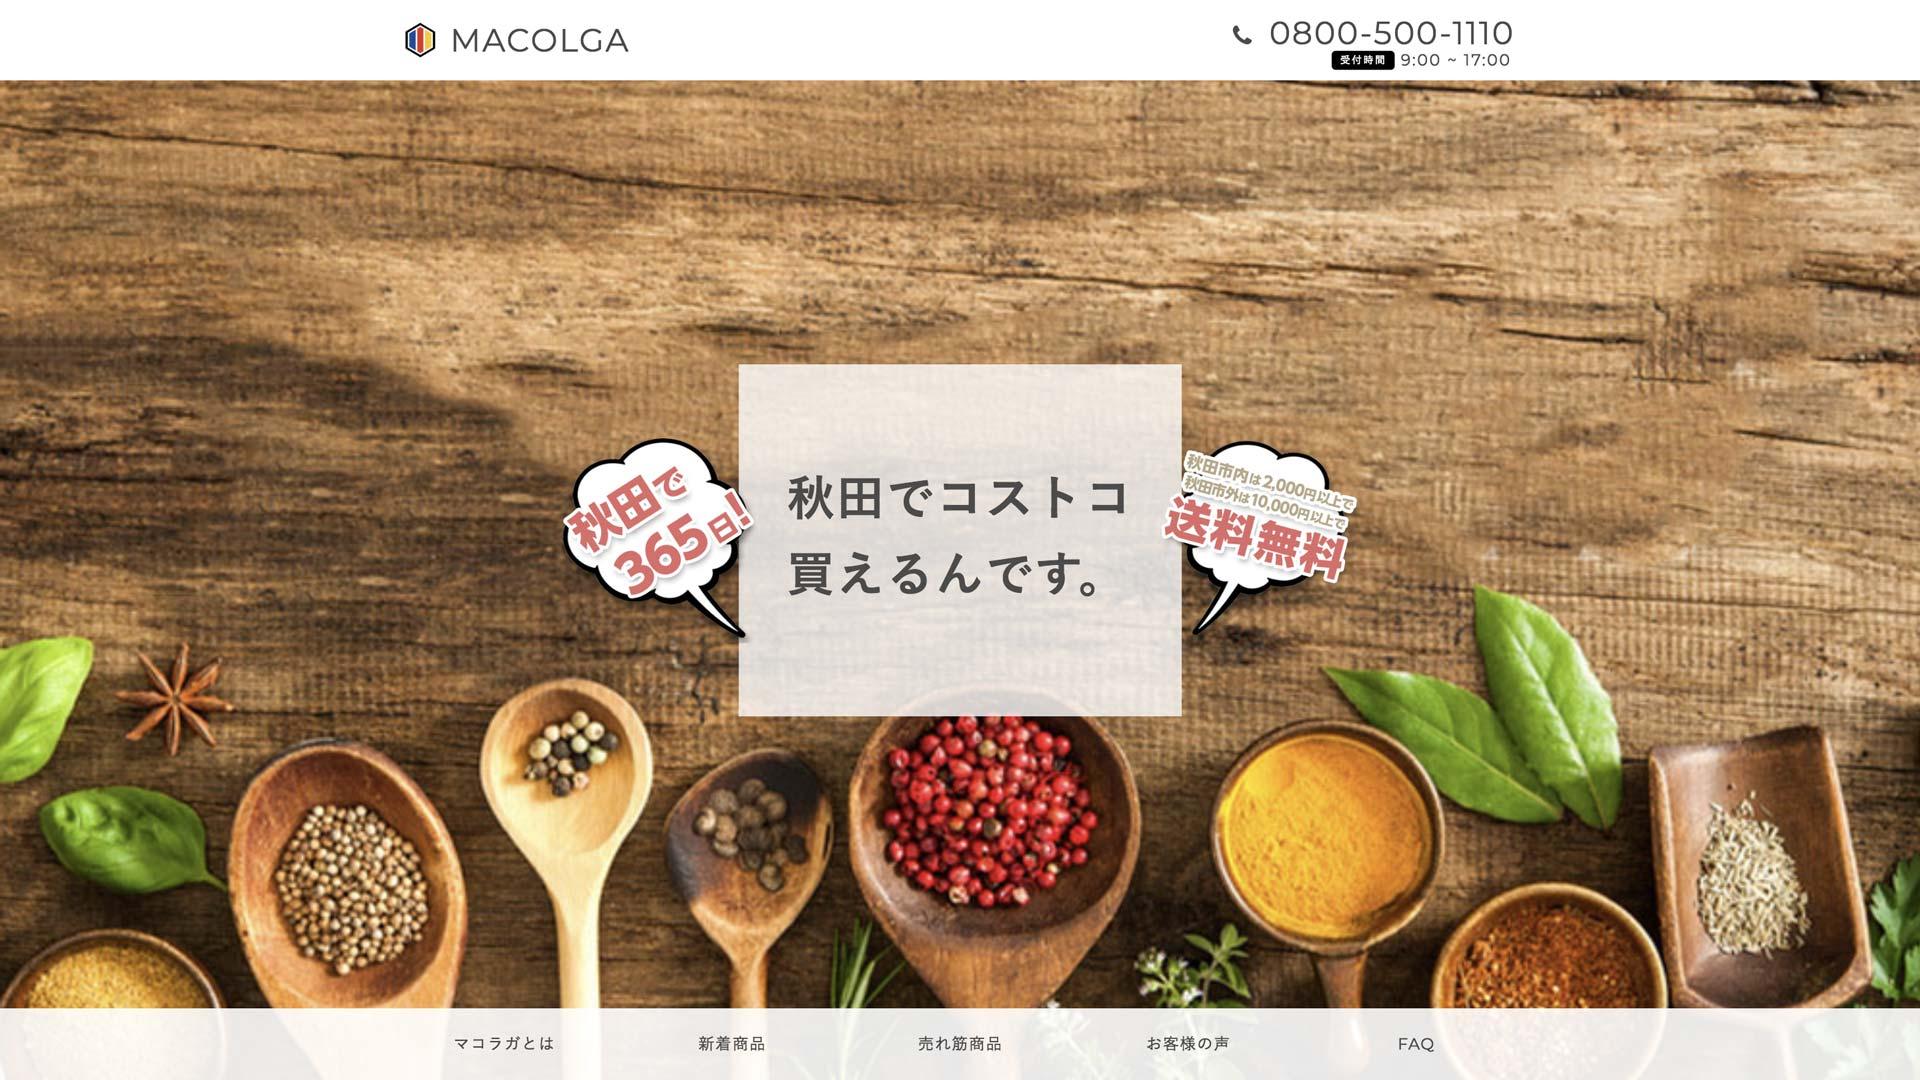 マコラガ(LP)様のサイトイメージ